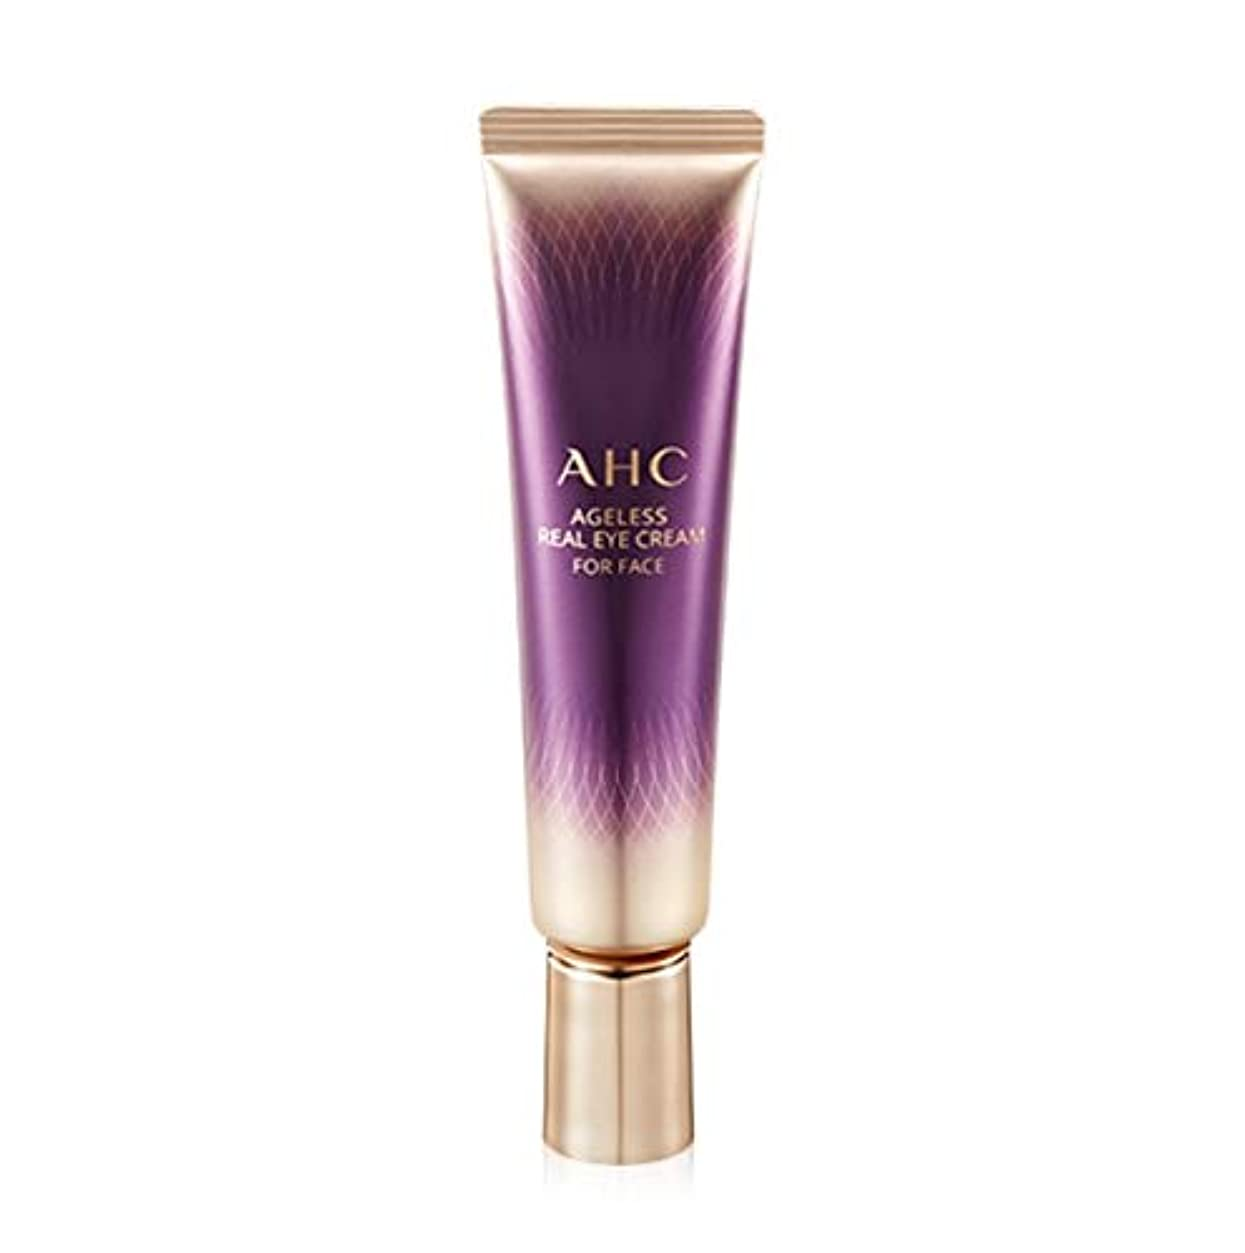 スモッグ弁護噴出する[New] AHC Ageless Real Eye Cream For Face Season 7 30ml / AHC エイジレス リアル アイクリーム フォーフェイス 30ml [並行輸入品]